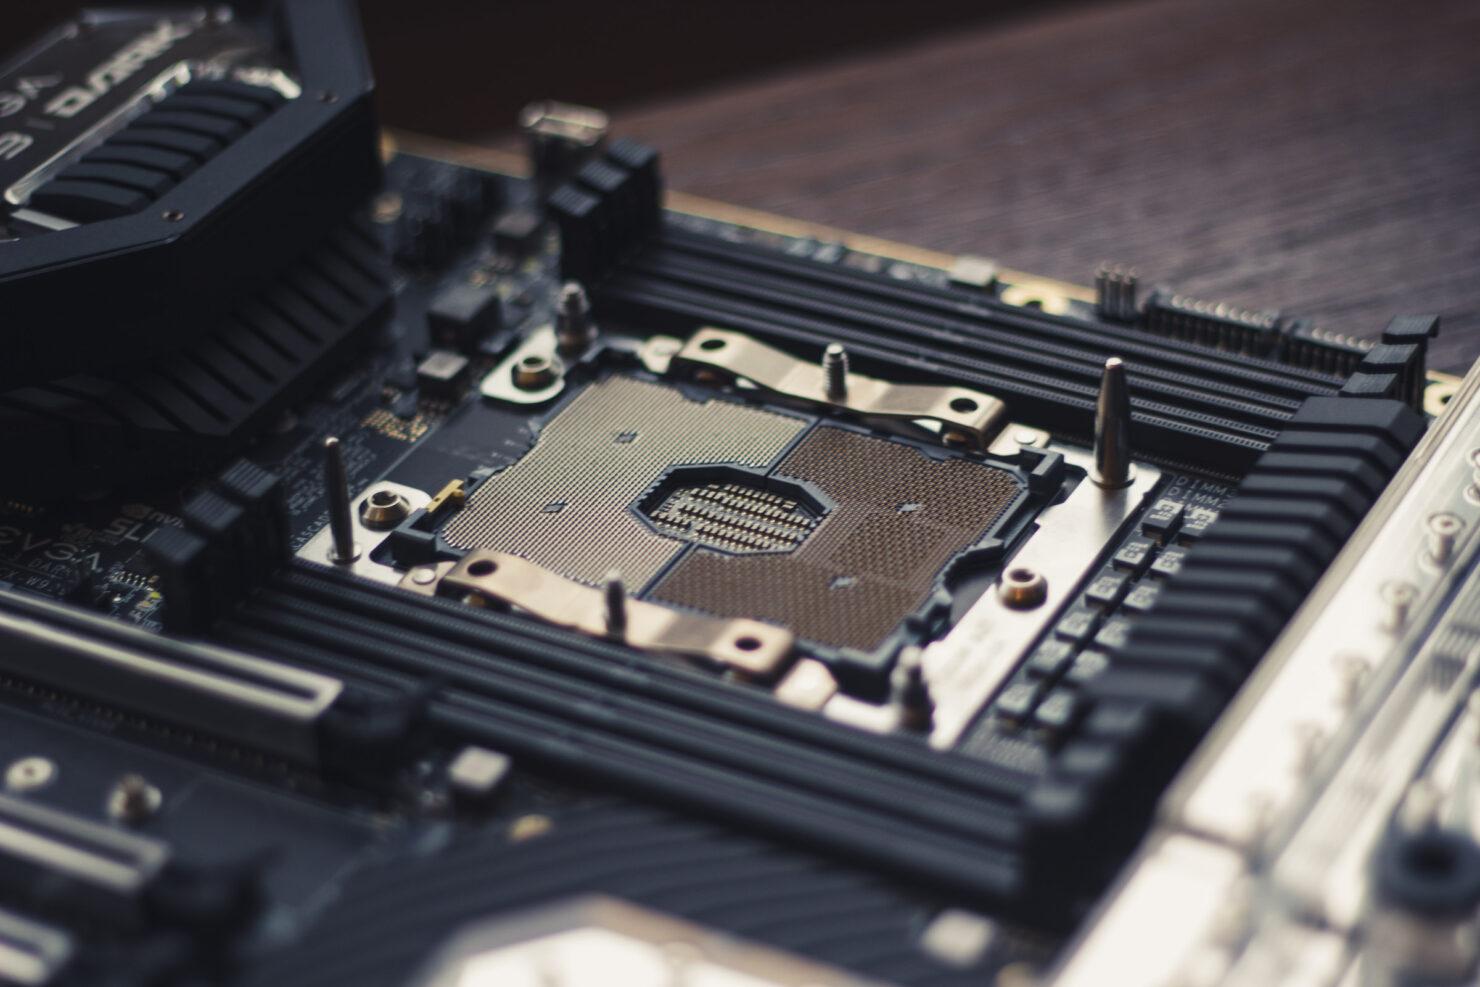 img_2390-evga-dark-sr-3-motherboard